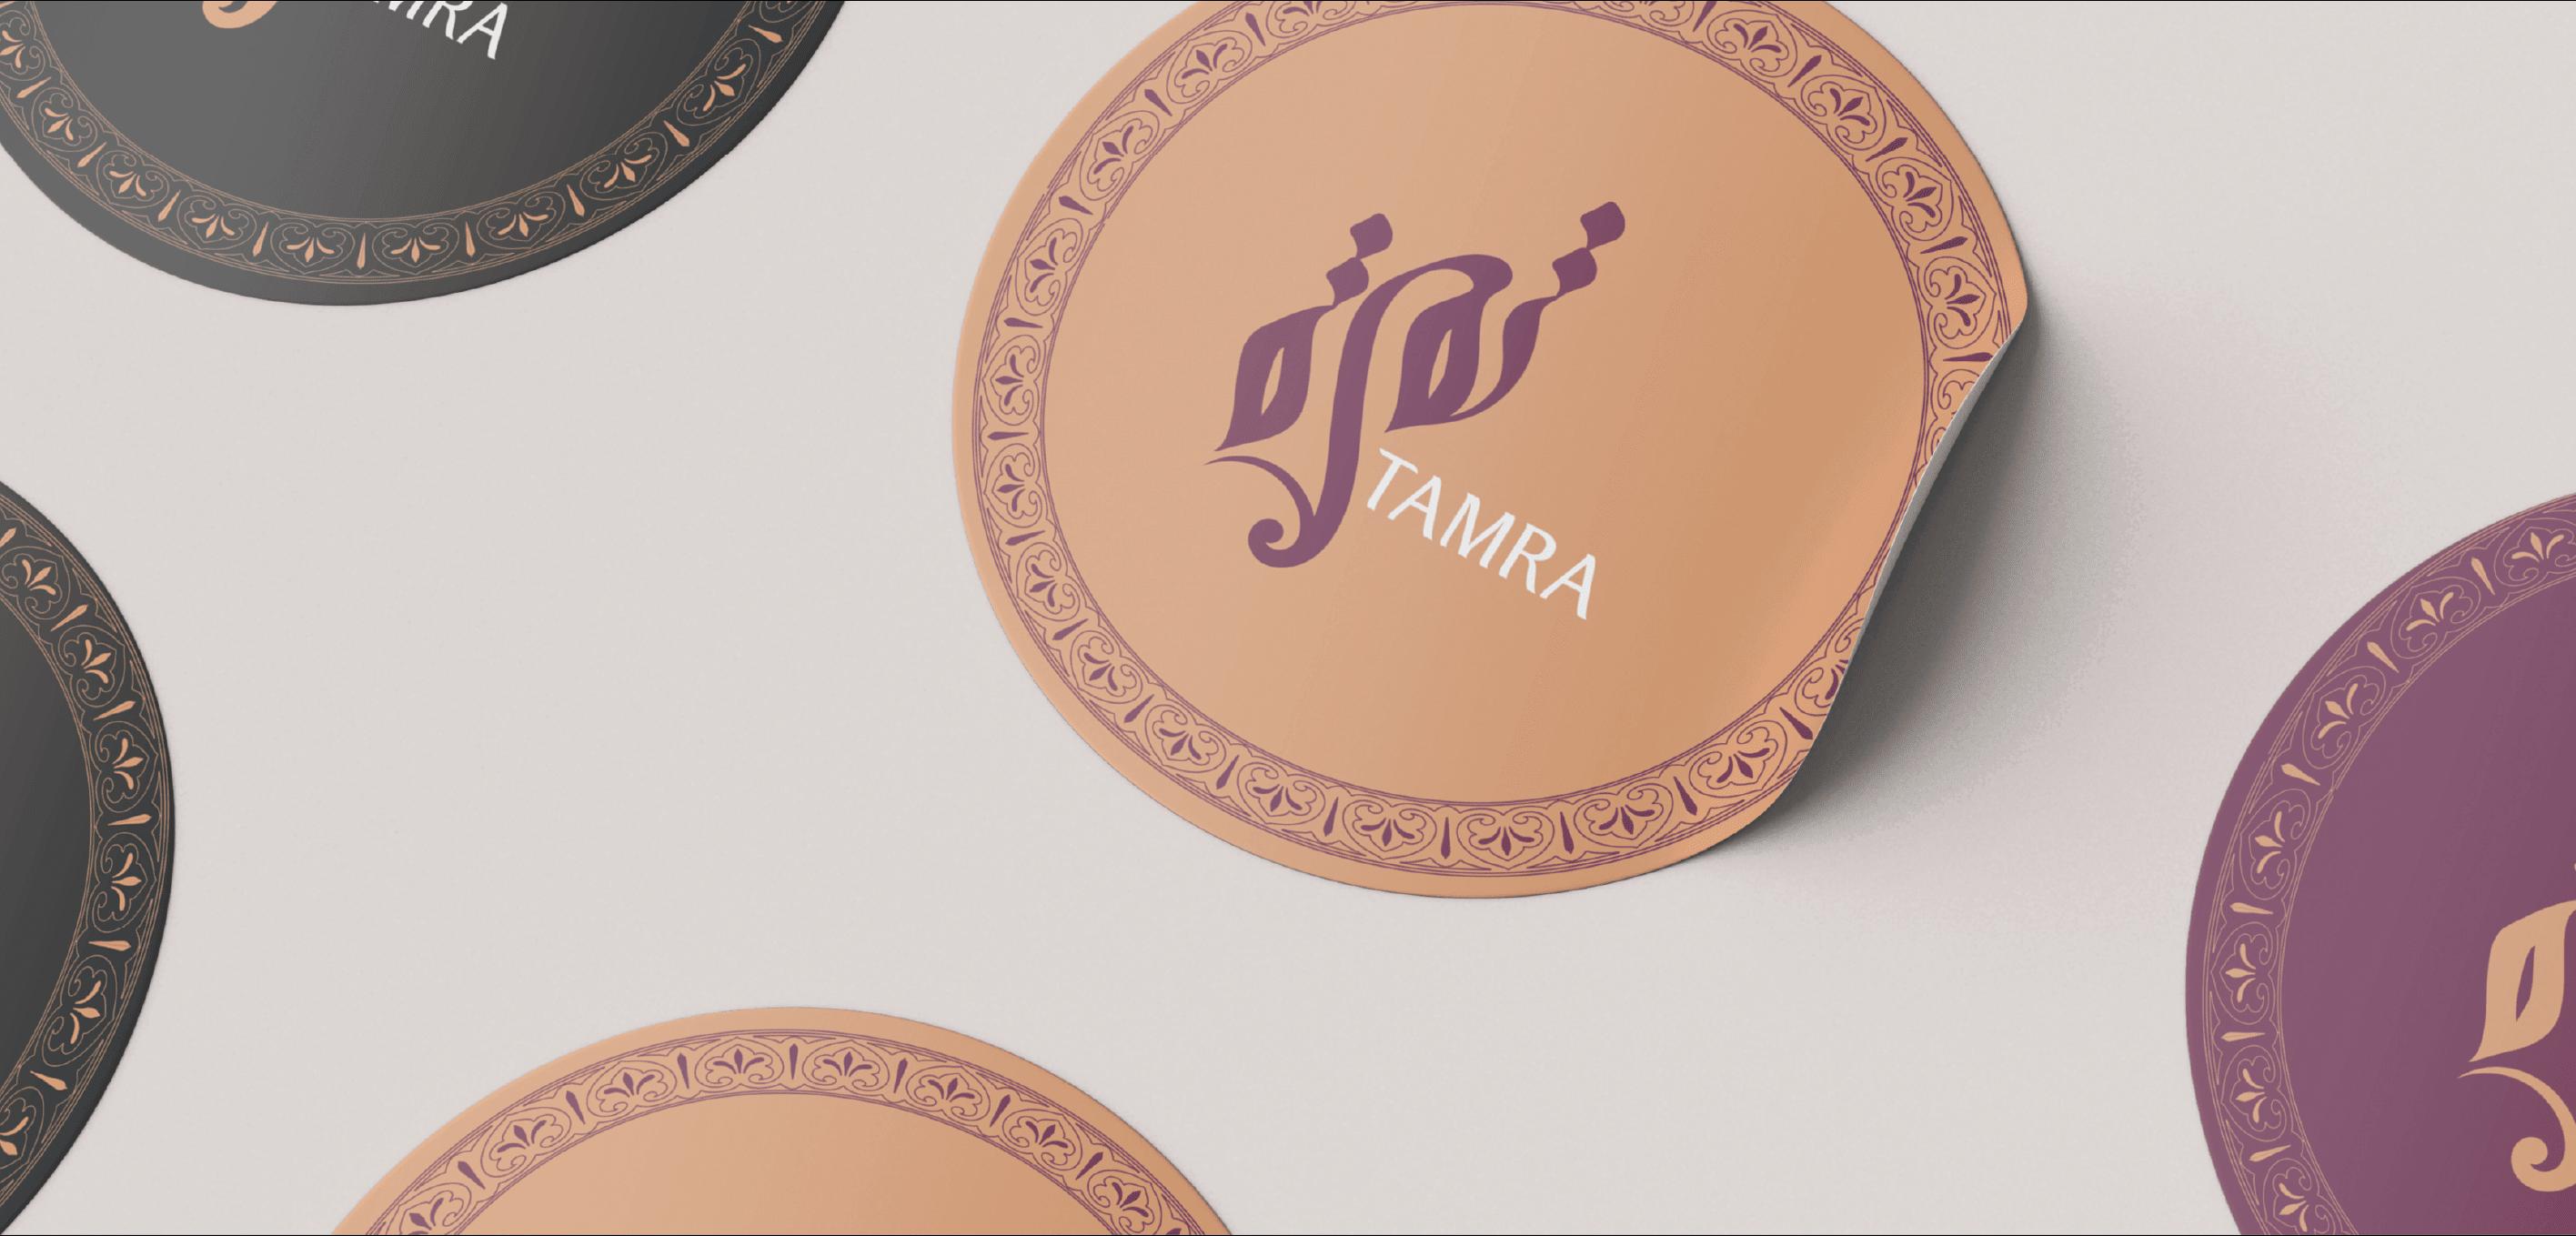 Protected: Tamara Brand Design